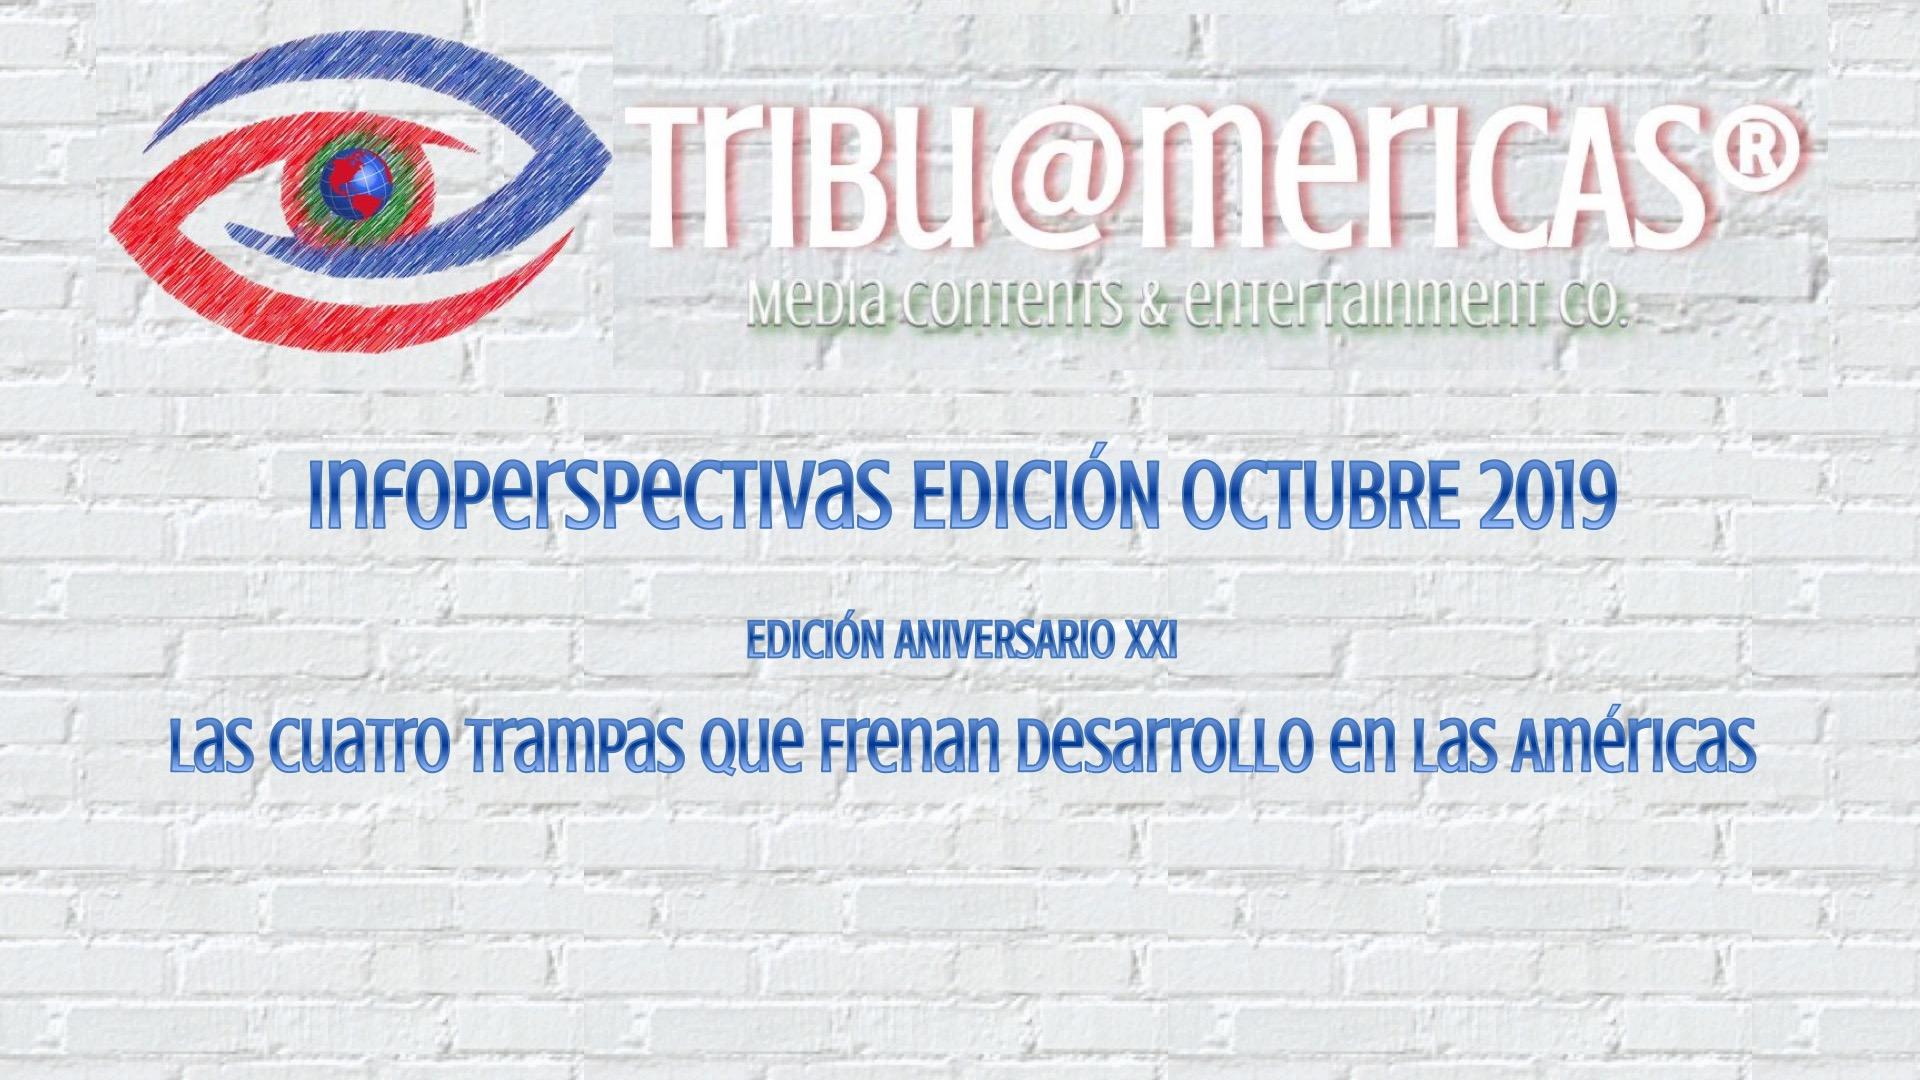 TribuAmericas Octubre 2019 - Edición Aniversario XXI